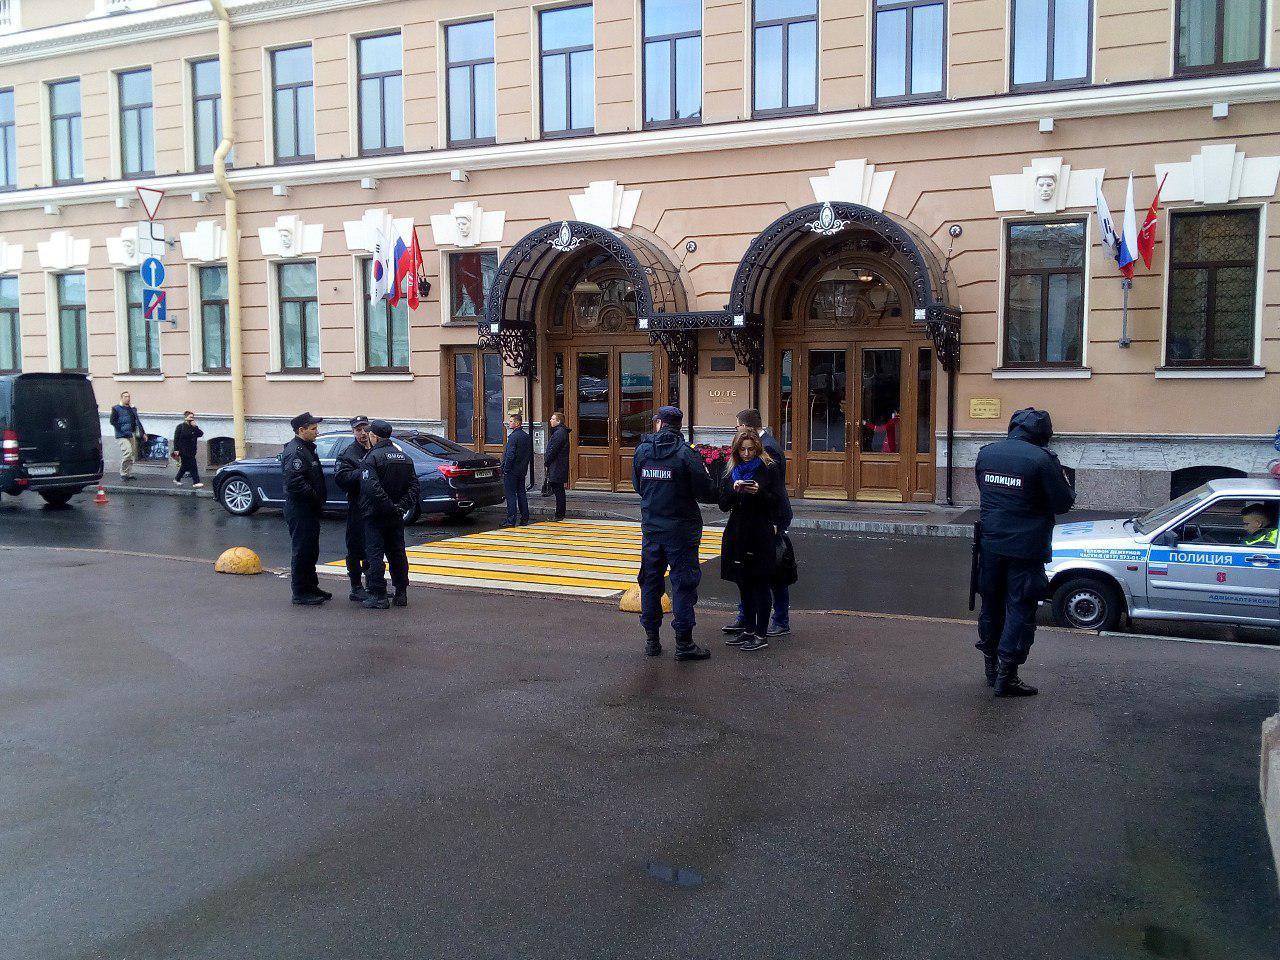 фото ЗакС политика В Мариинском дворце готовятся к инаугурации Беглова: вокруг полиция и ОМОН